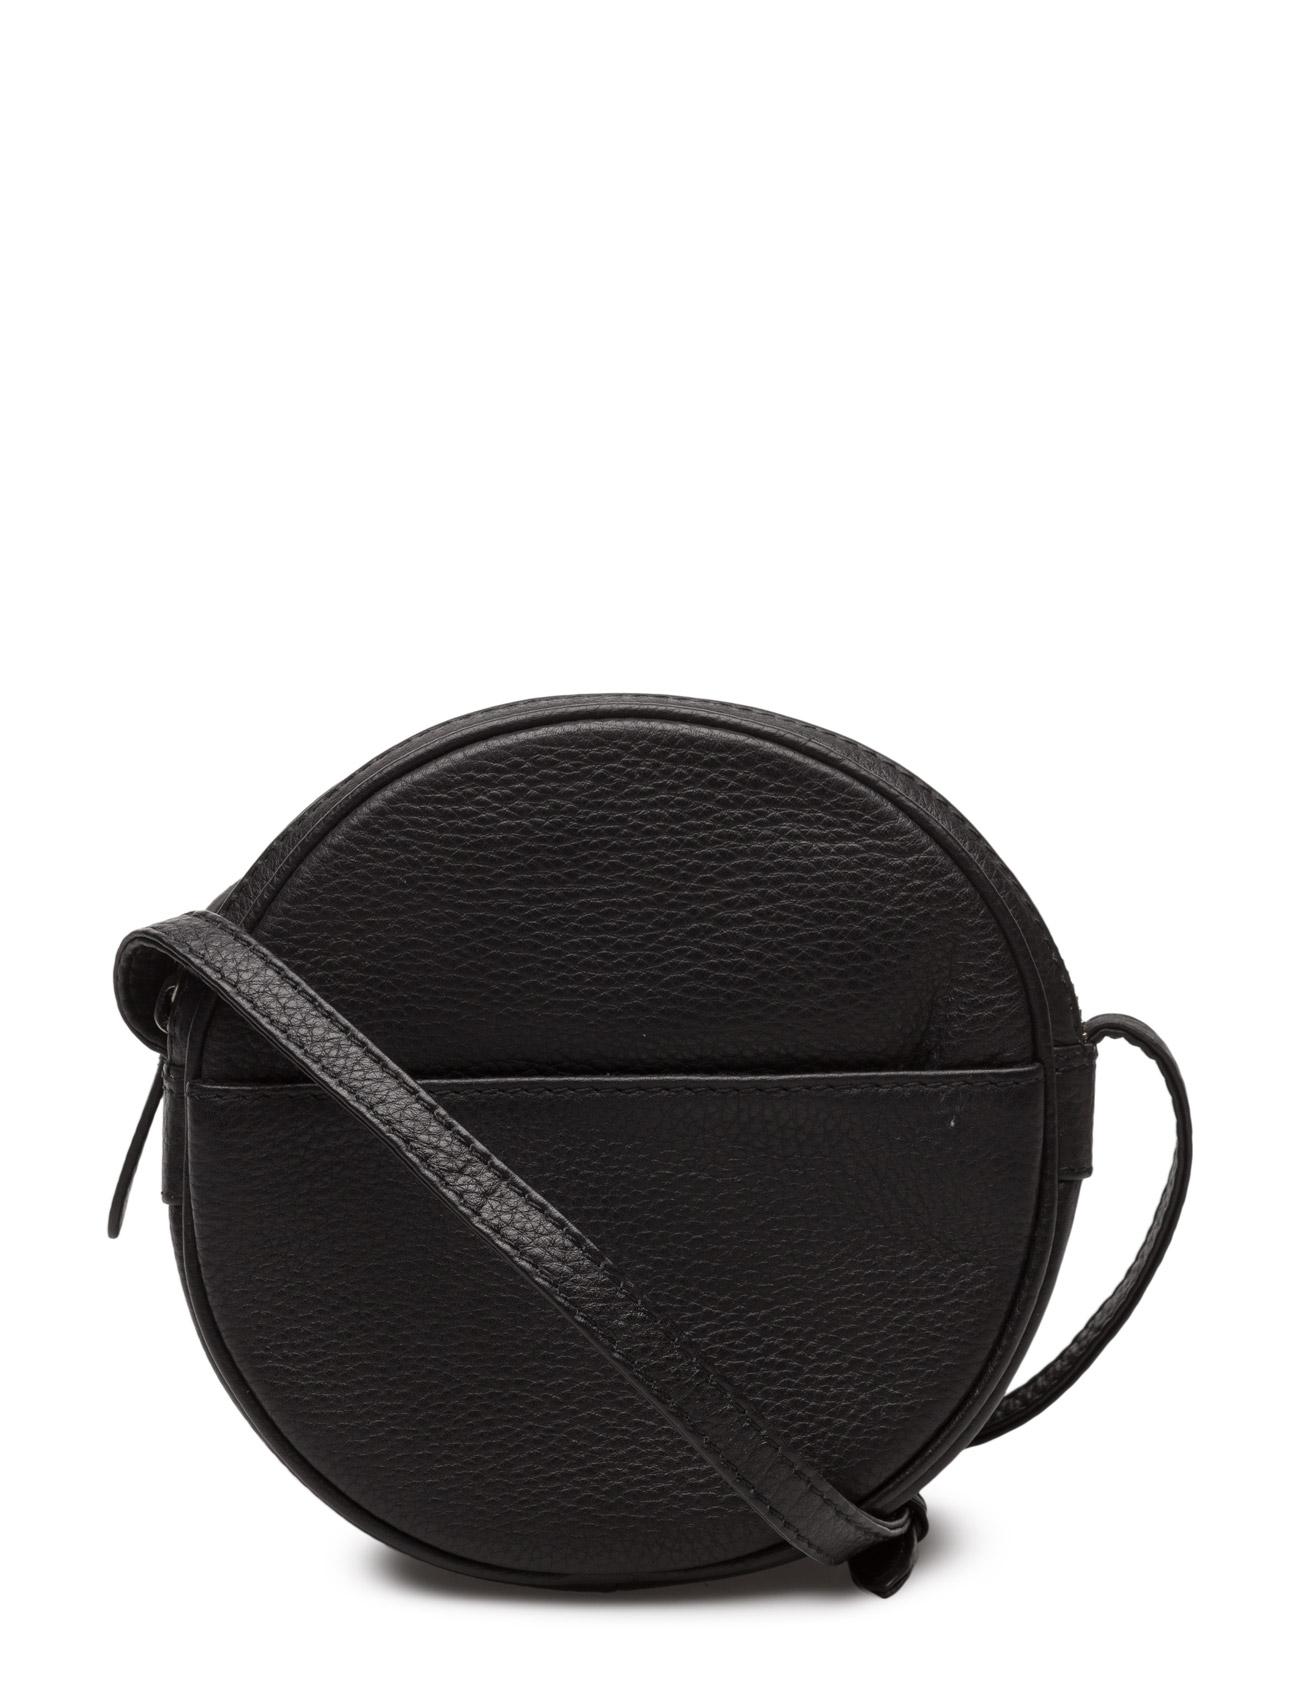 Markberg Anine Crossbody Bag, Grain